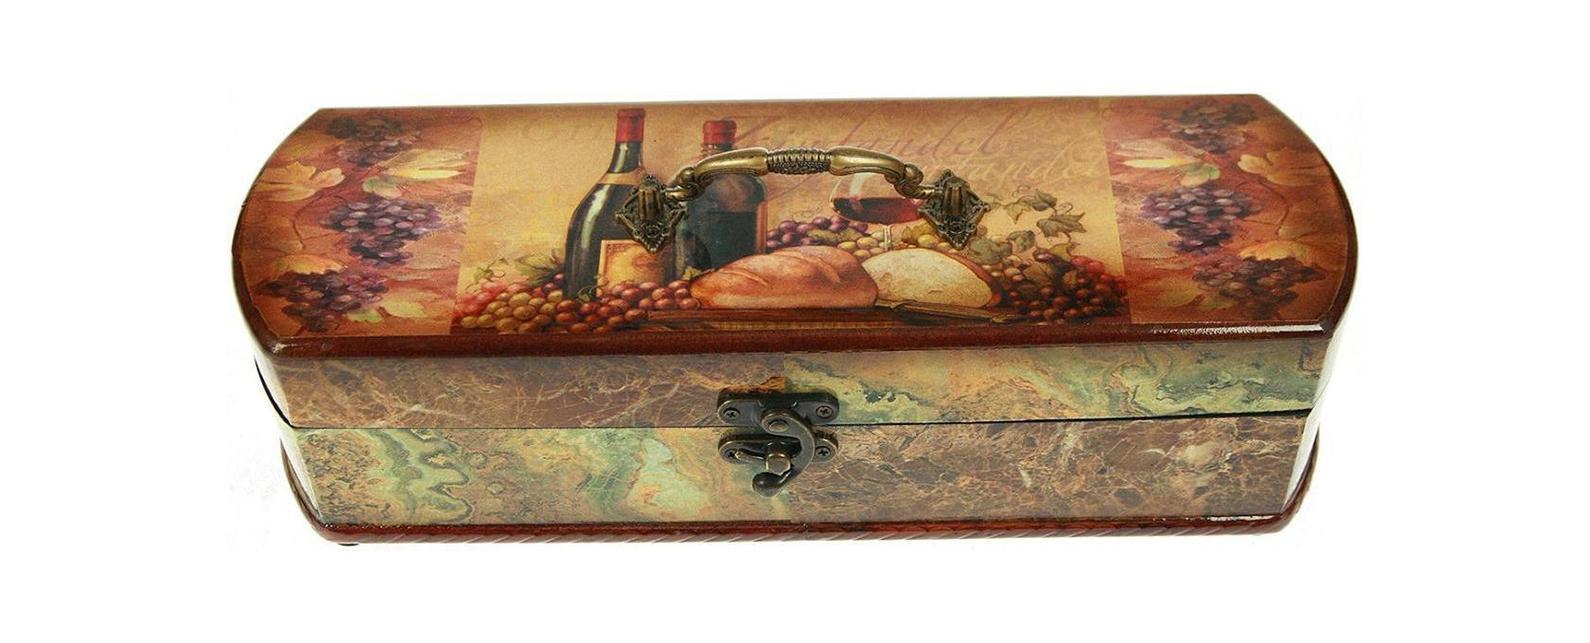 Шкатулка Сундучок под бутылку 36*12*10см 3476334763Шкатулка Русские подарки Сундучок 34763 предназначена для хранения бутылок с вином. Она не оставит равнодушным ни одного любителя оригинальных вещей. Данная модель надежно закрывается на металлический замок. Сочетание оригинального дизайна и функциональности делает такую вещь практичным, стильным подарком и предметом гордости ее обладателя. Материал: MDF, бумага, эл. металла; цвет: бежевый